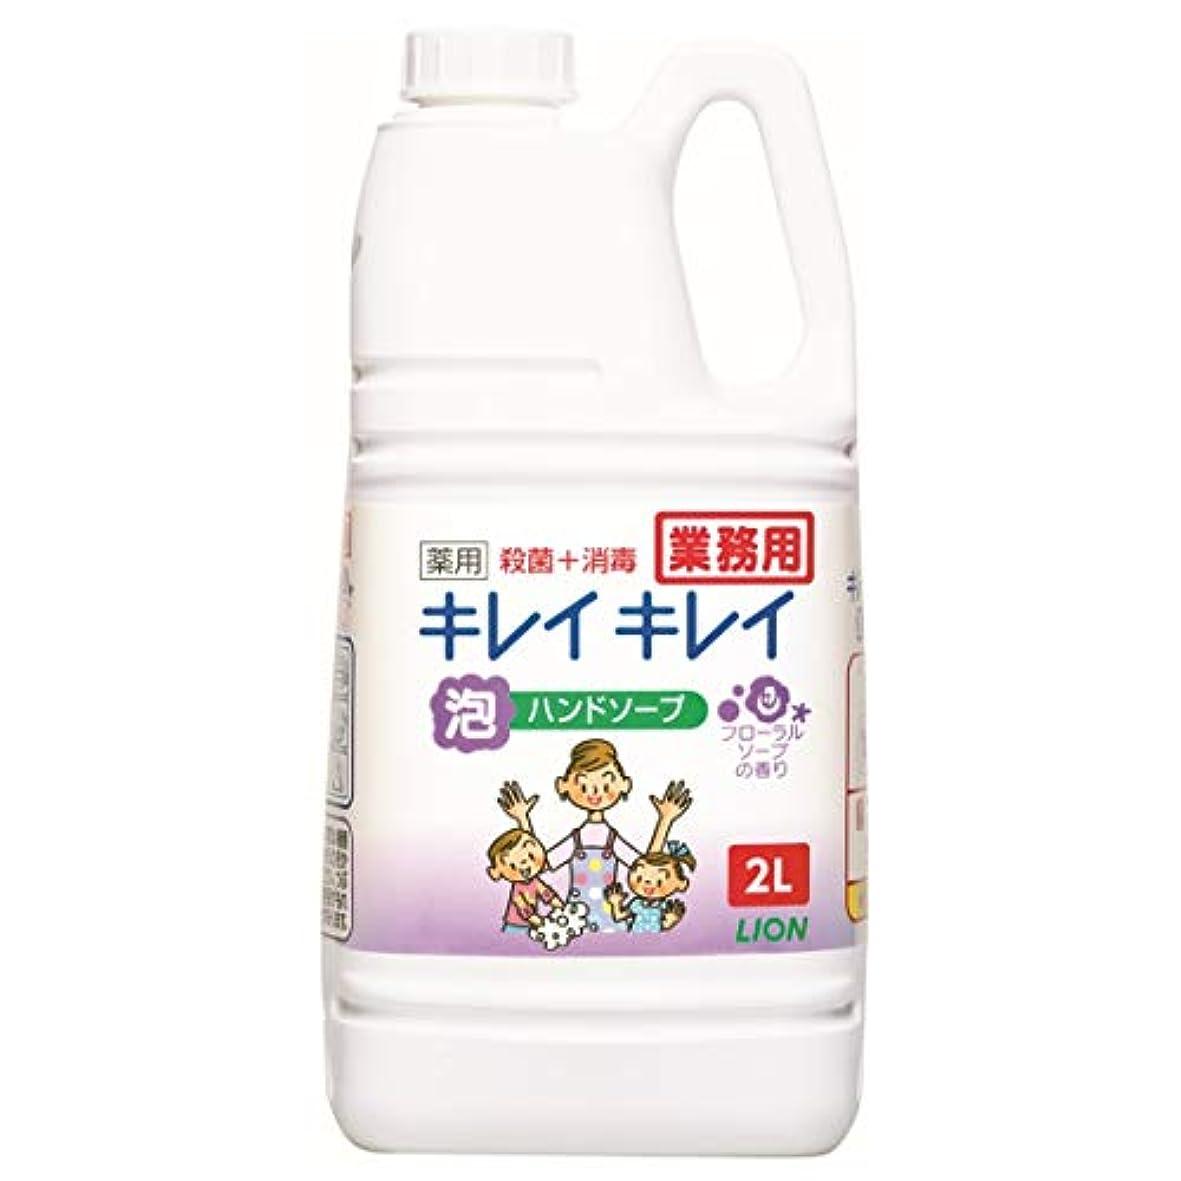 ブッシュ花婿正気【大容量】キレイキレイ 薬用泡ハンドソープ フローラルソープの香り 2L